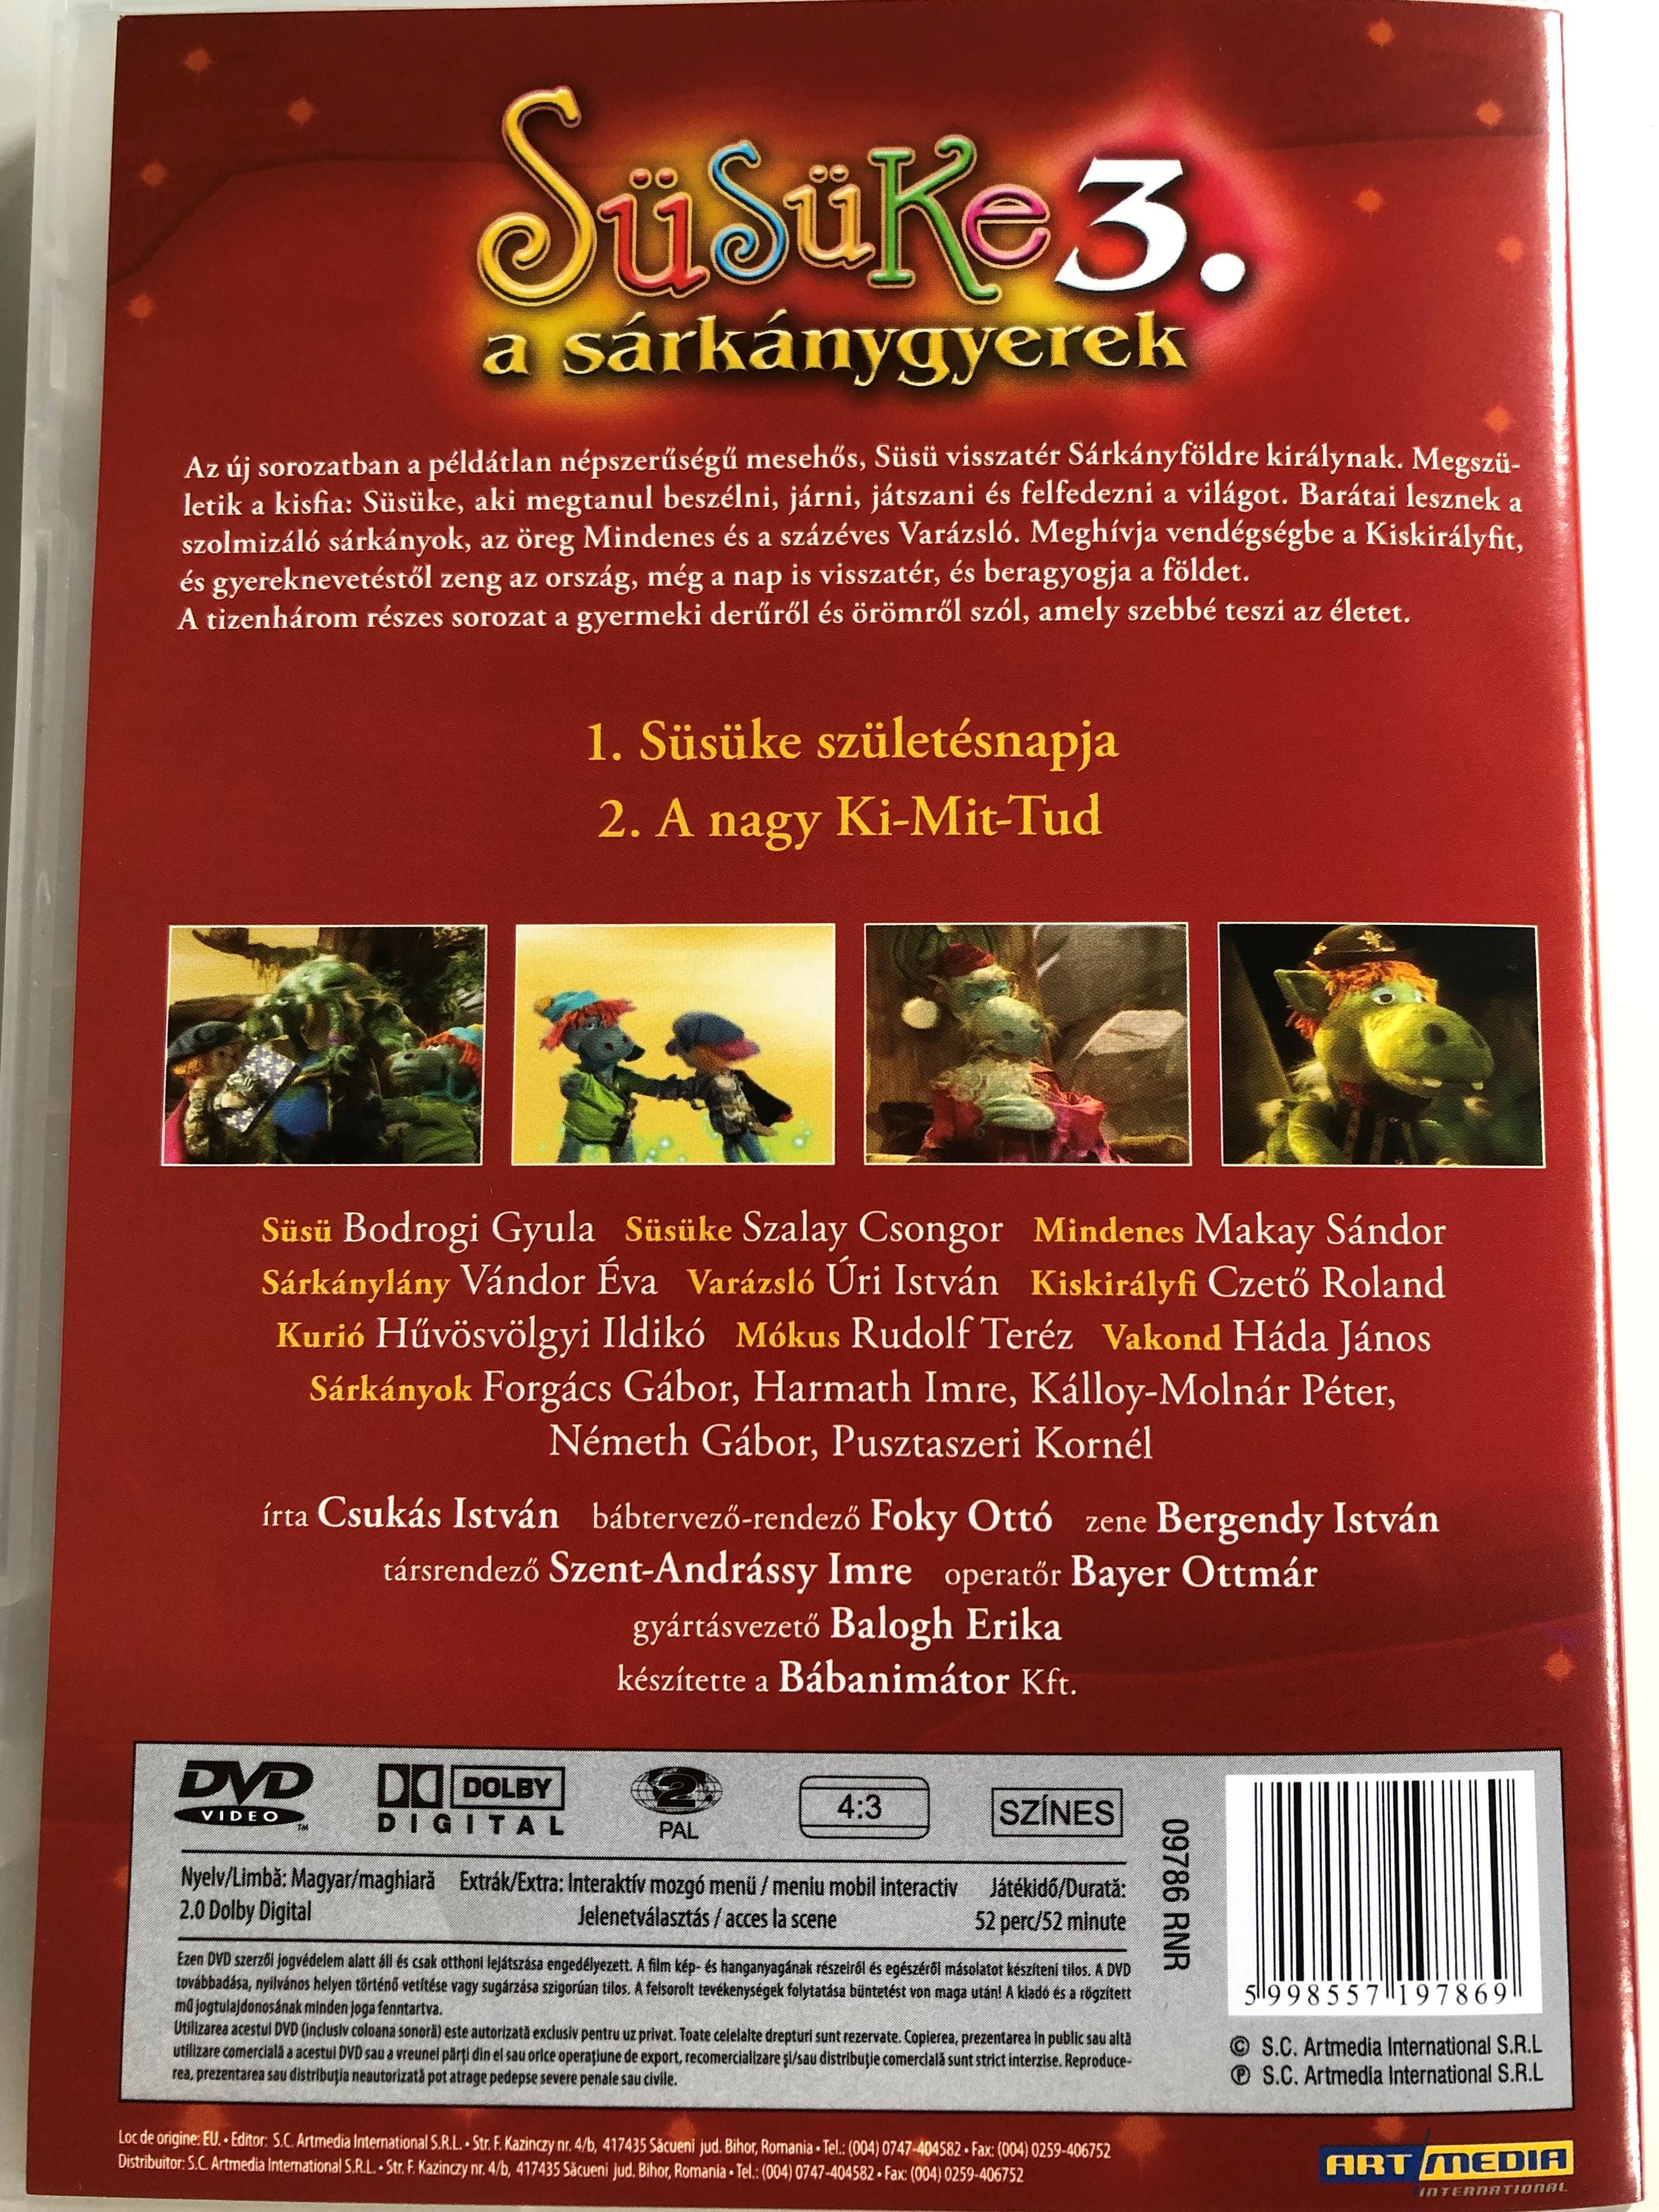 s-s-ke-a-s-rk-nygyerek-3.-dvd-2001-s-s-ke-sz-let-snapja-2.jpg